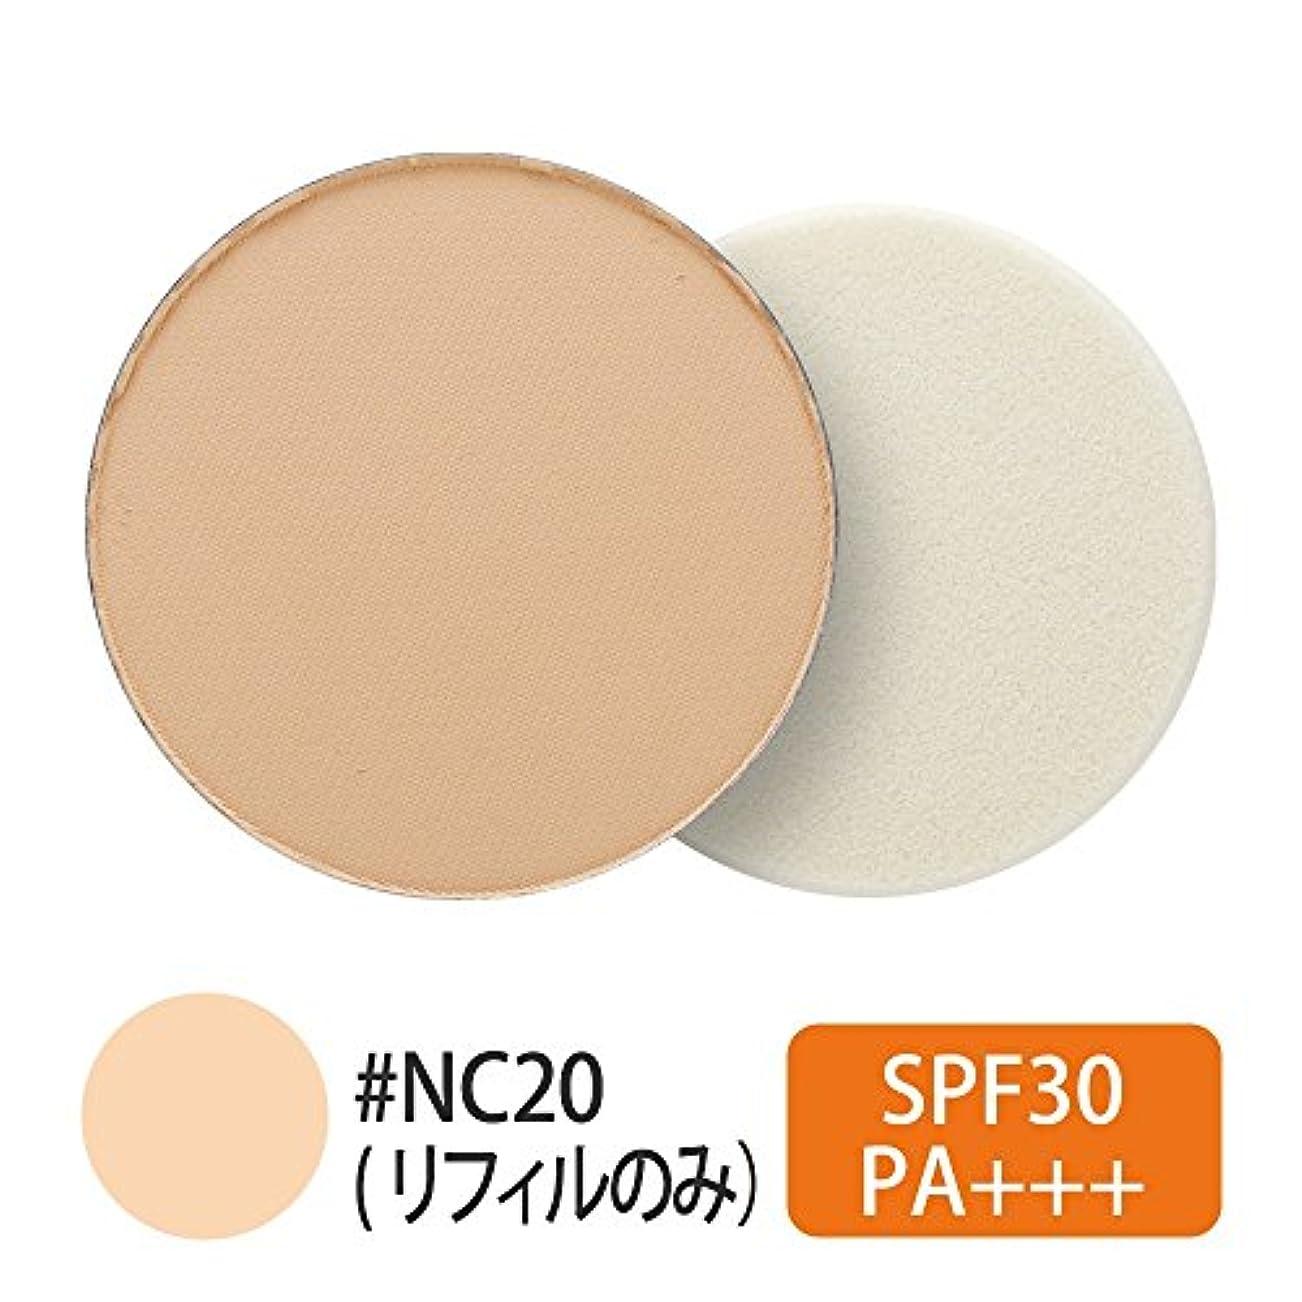 マック(MAC) 【リフィルのみ】ライトフル C SPF 30 ファンデーション #NC20 [並行輸入品]